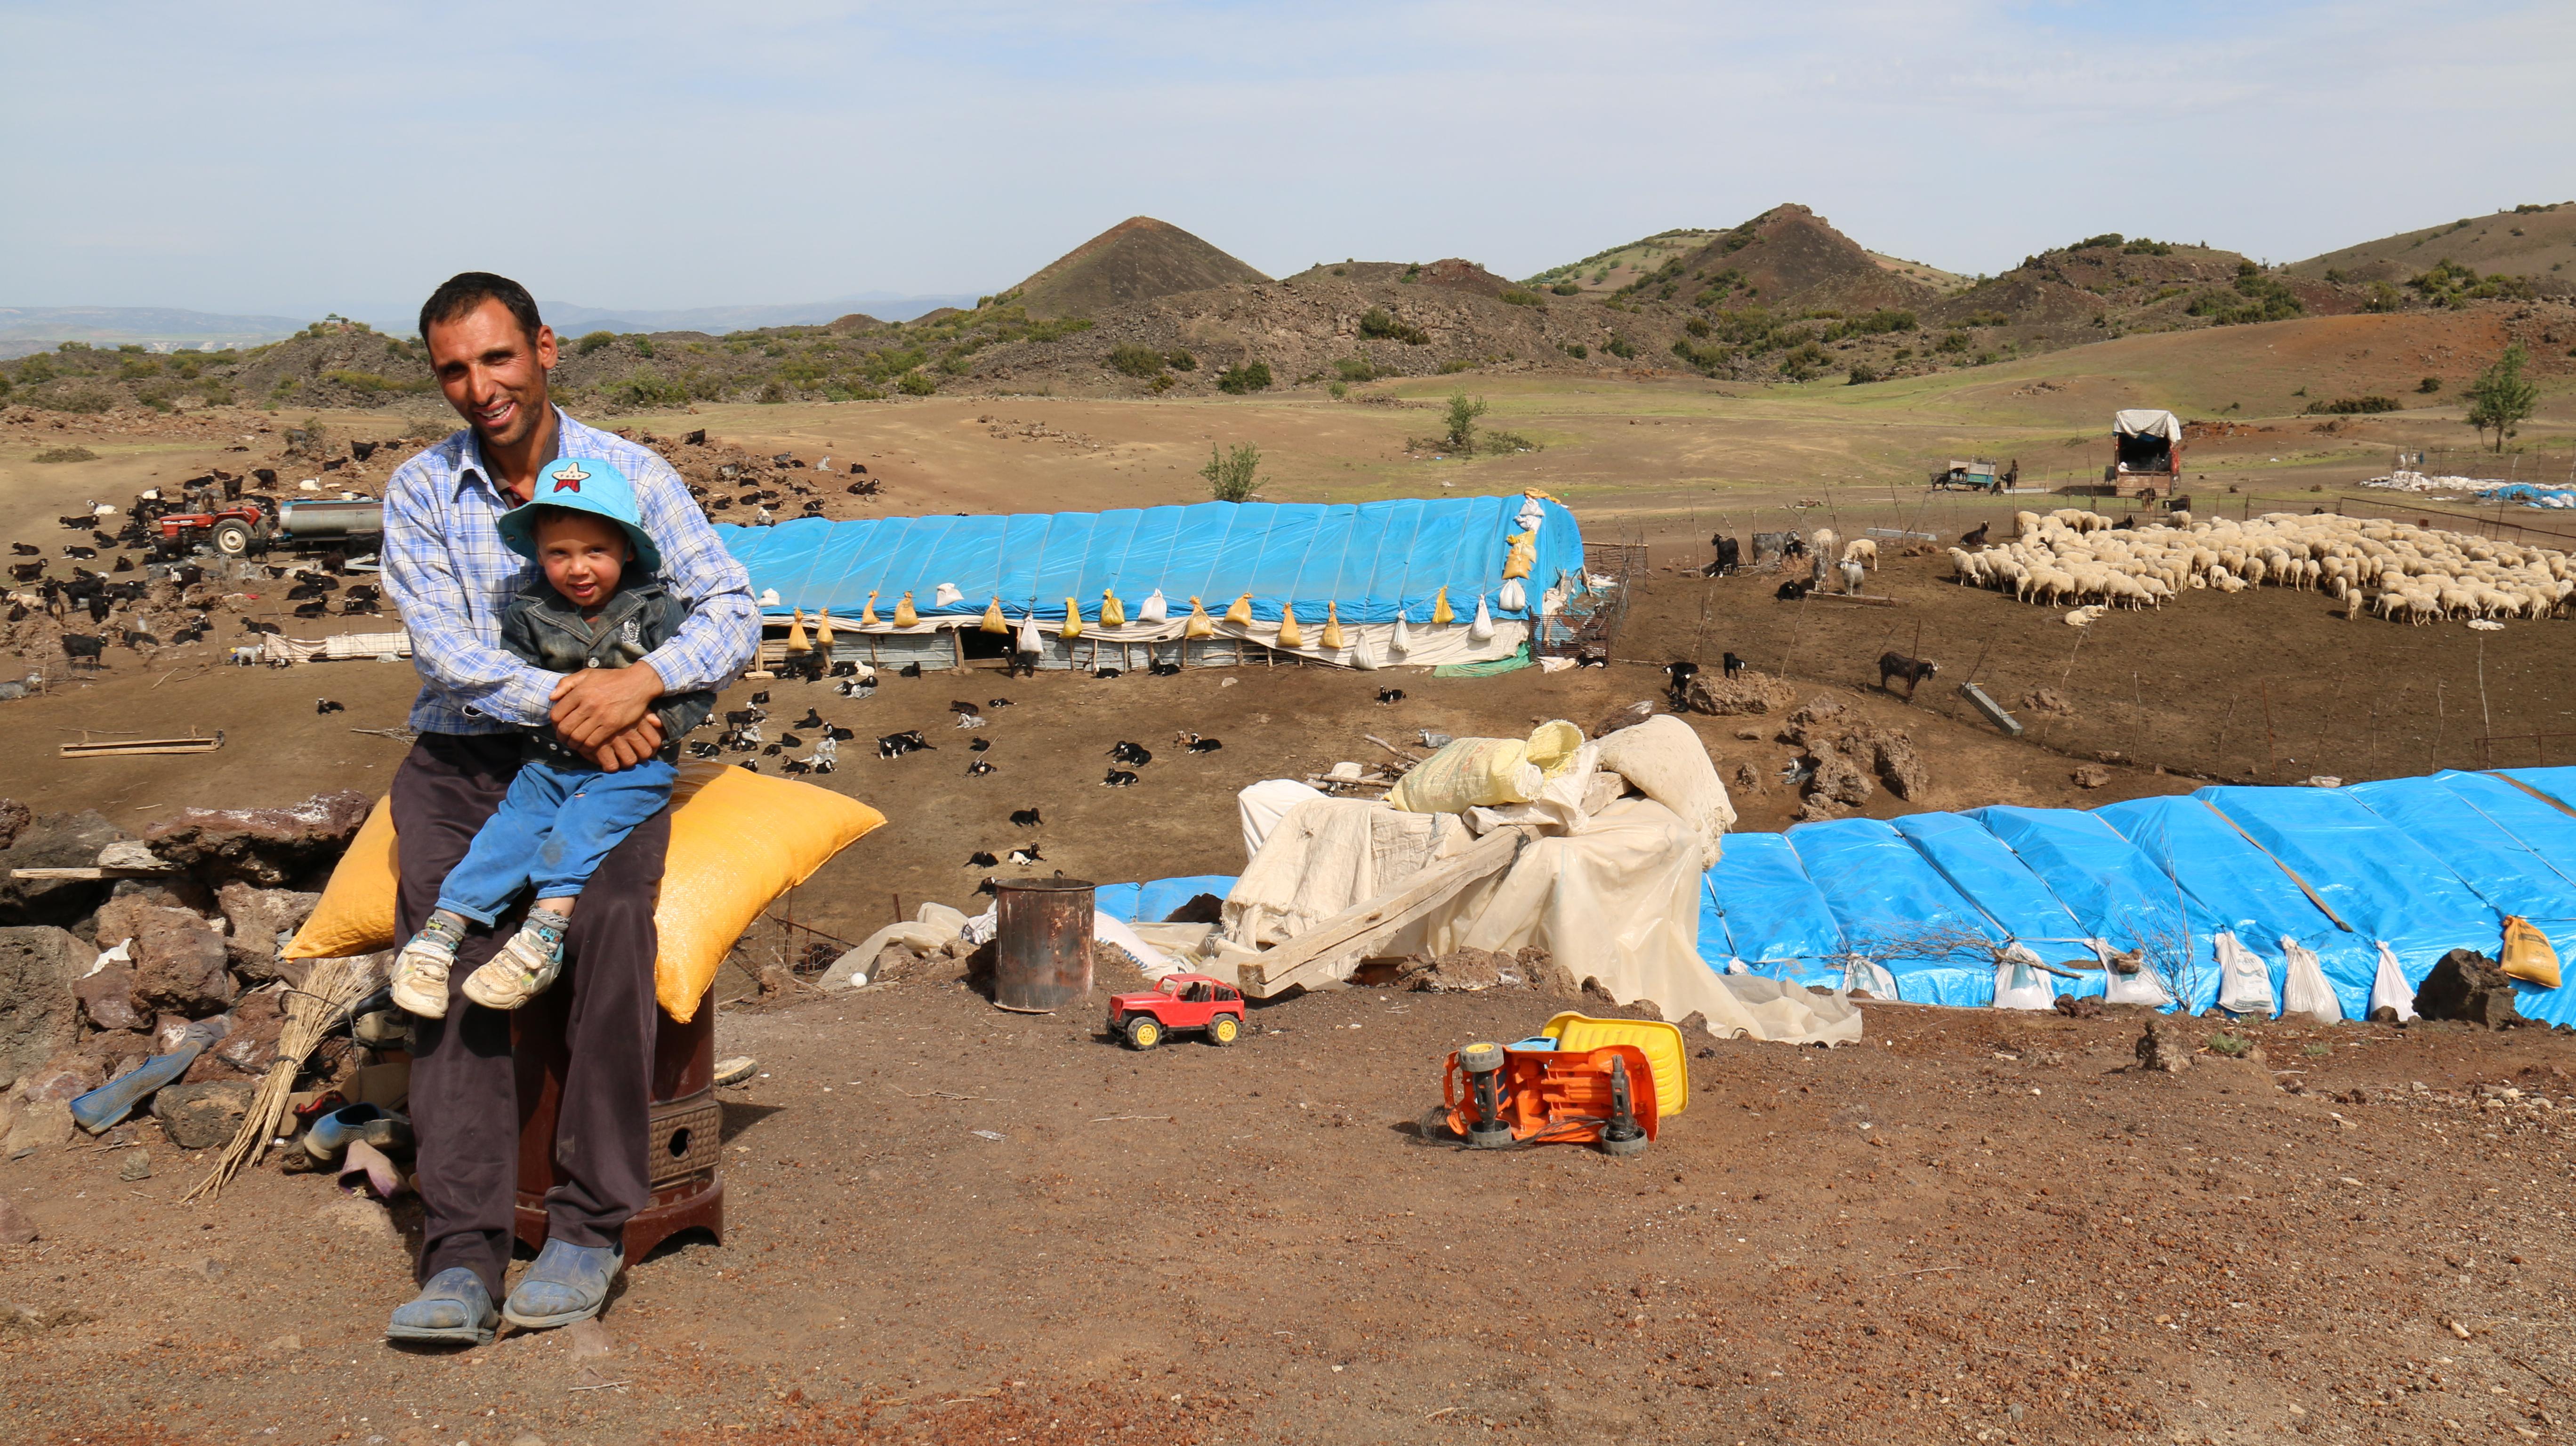 Nomads' winter range in Turkey